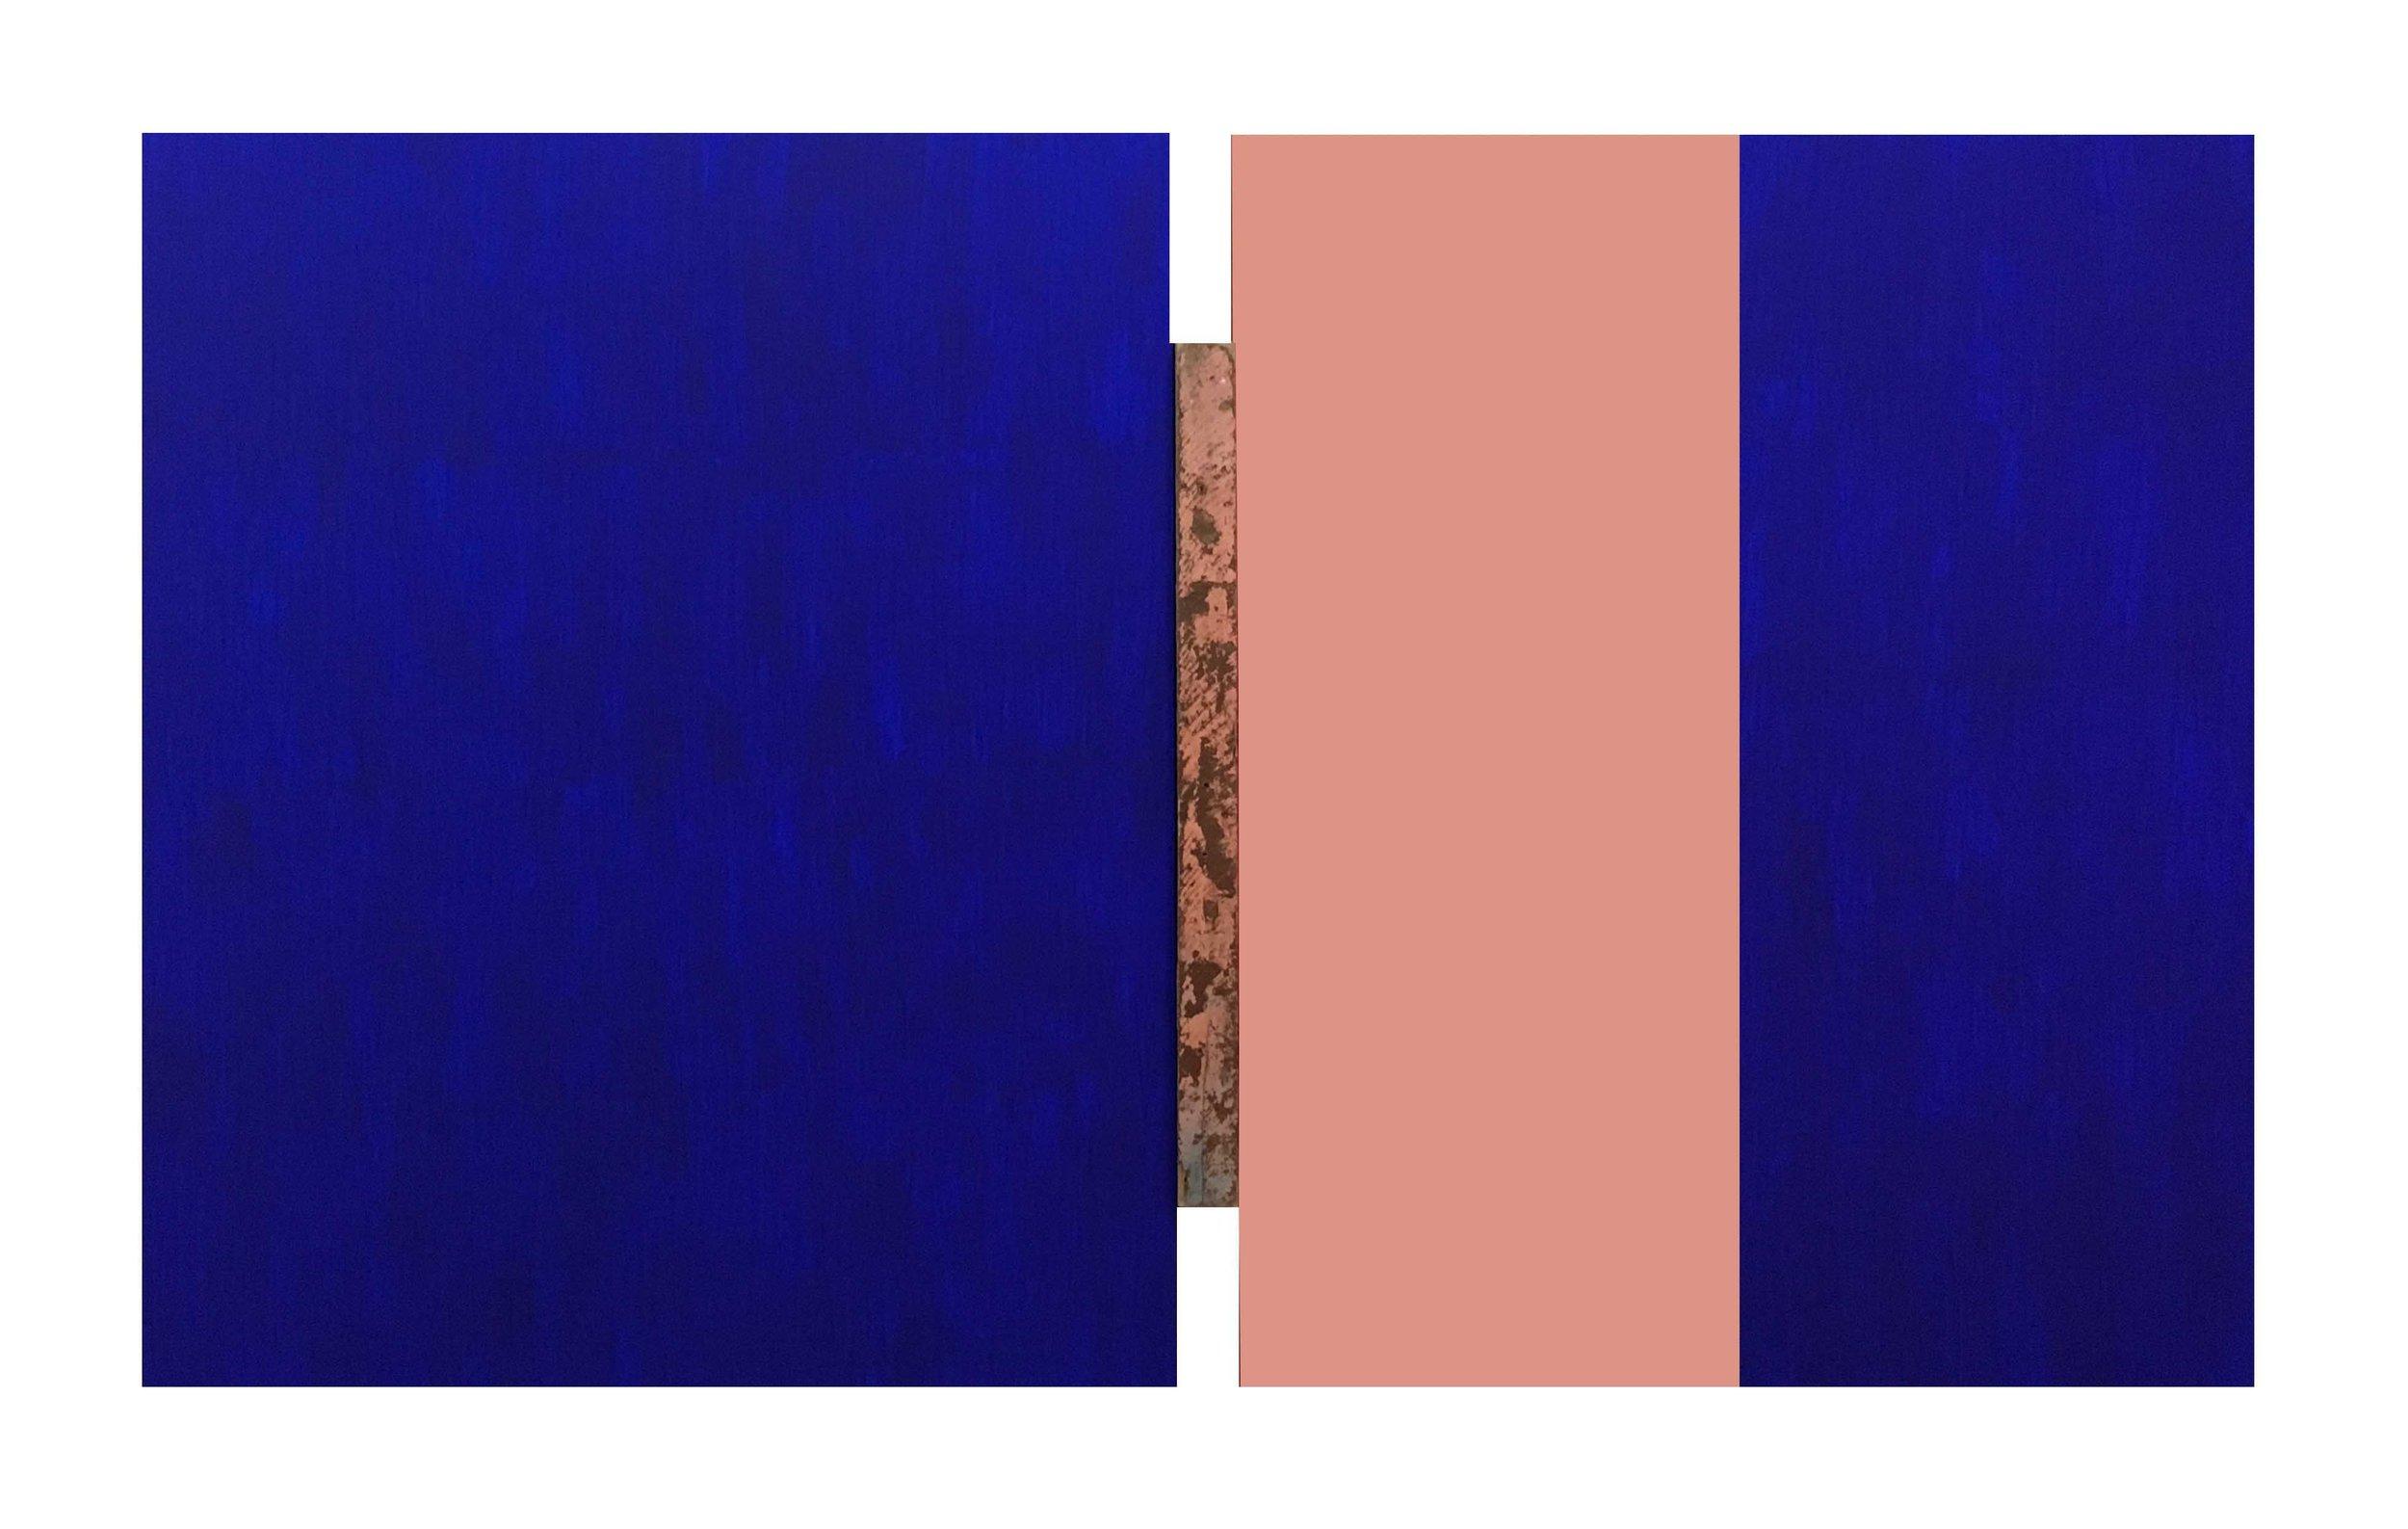 #18, 100 x 165 cms